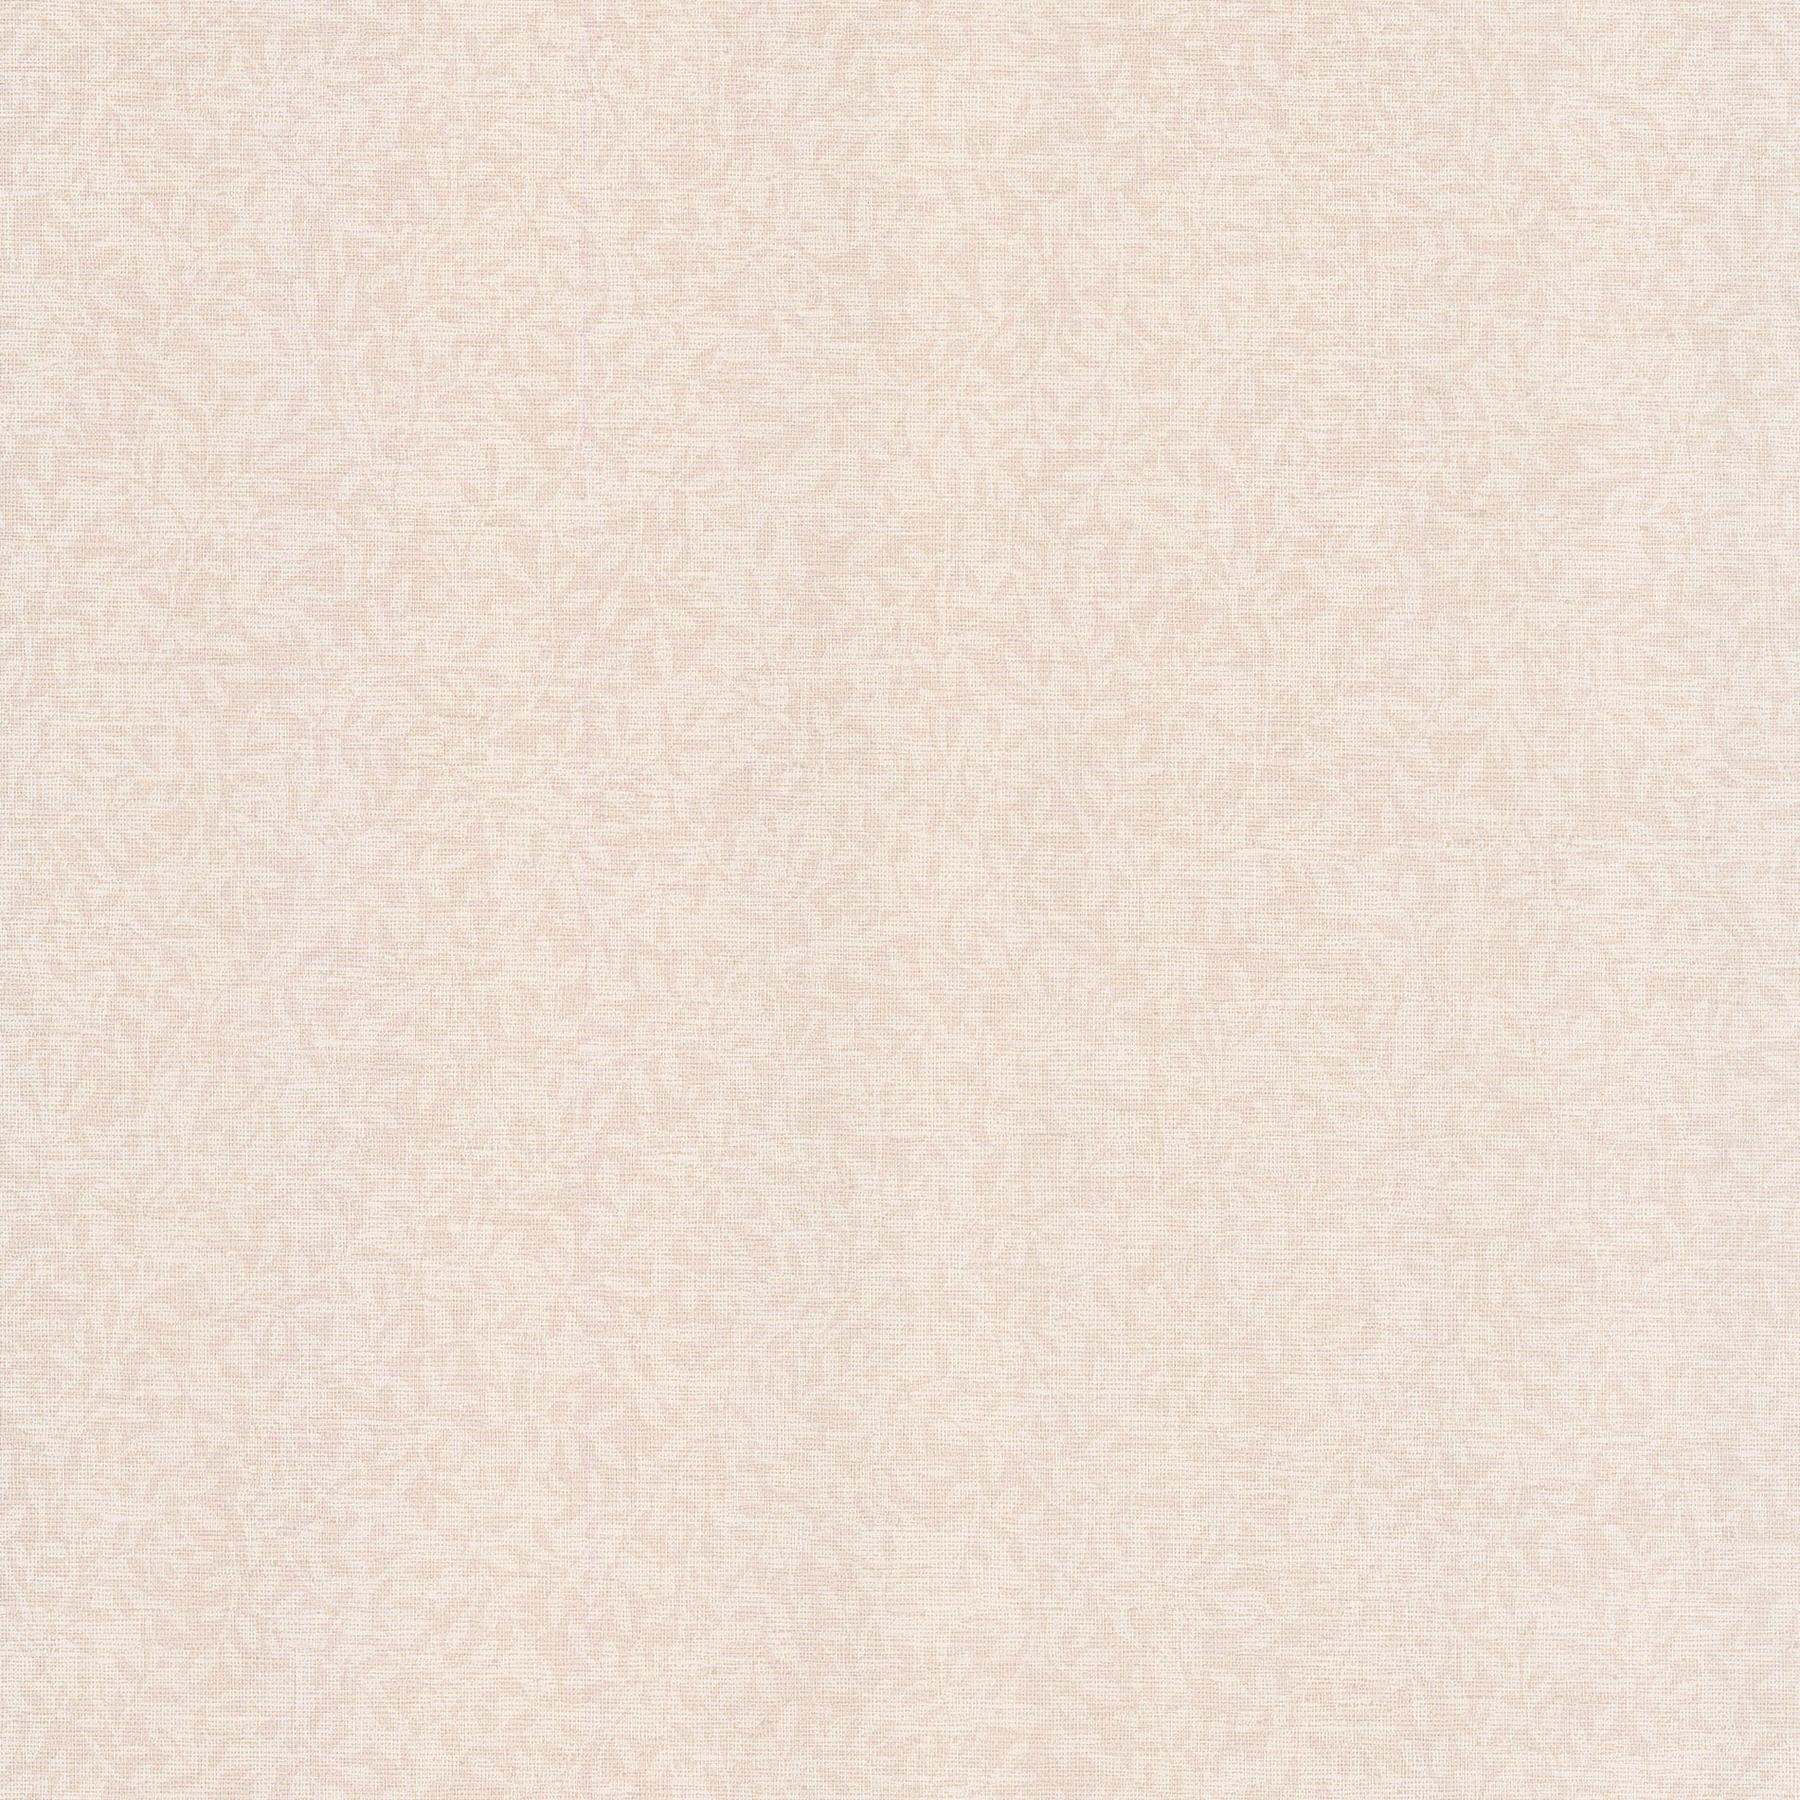 Picture of Ariston Blush Vine Silhouette Wallpaper